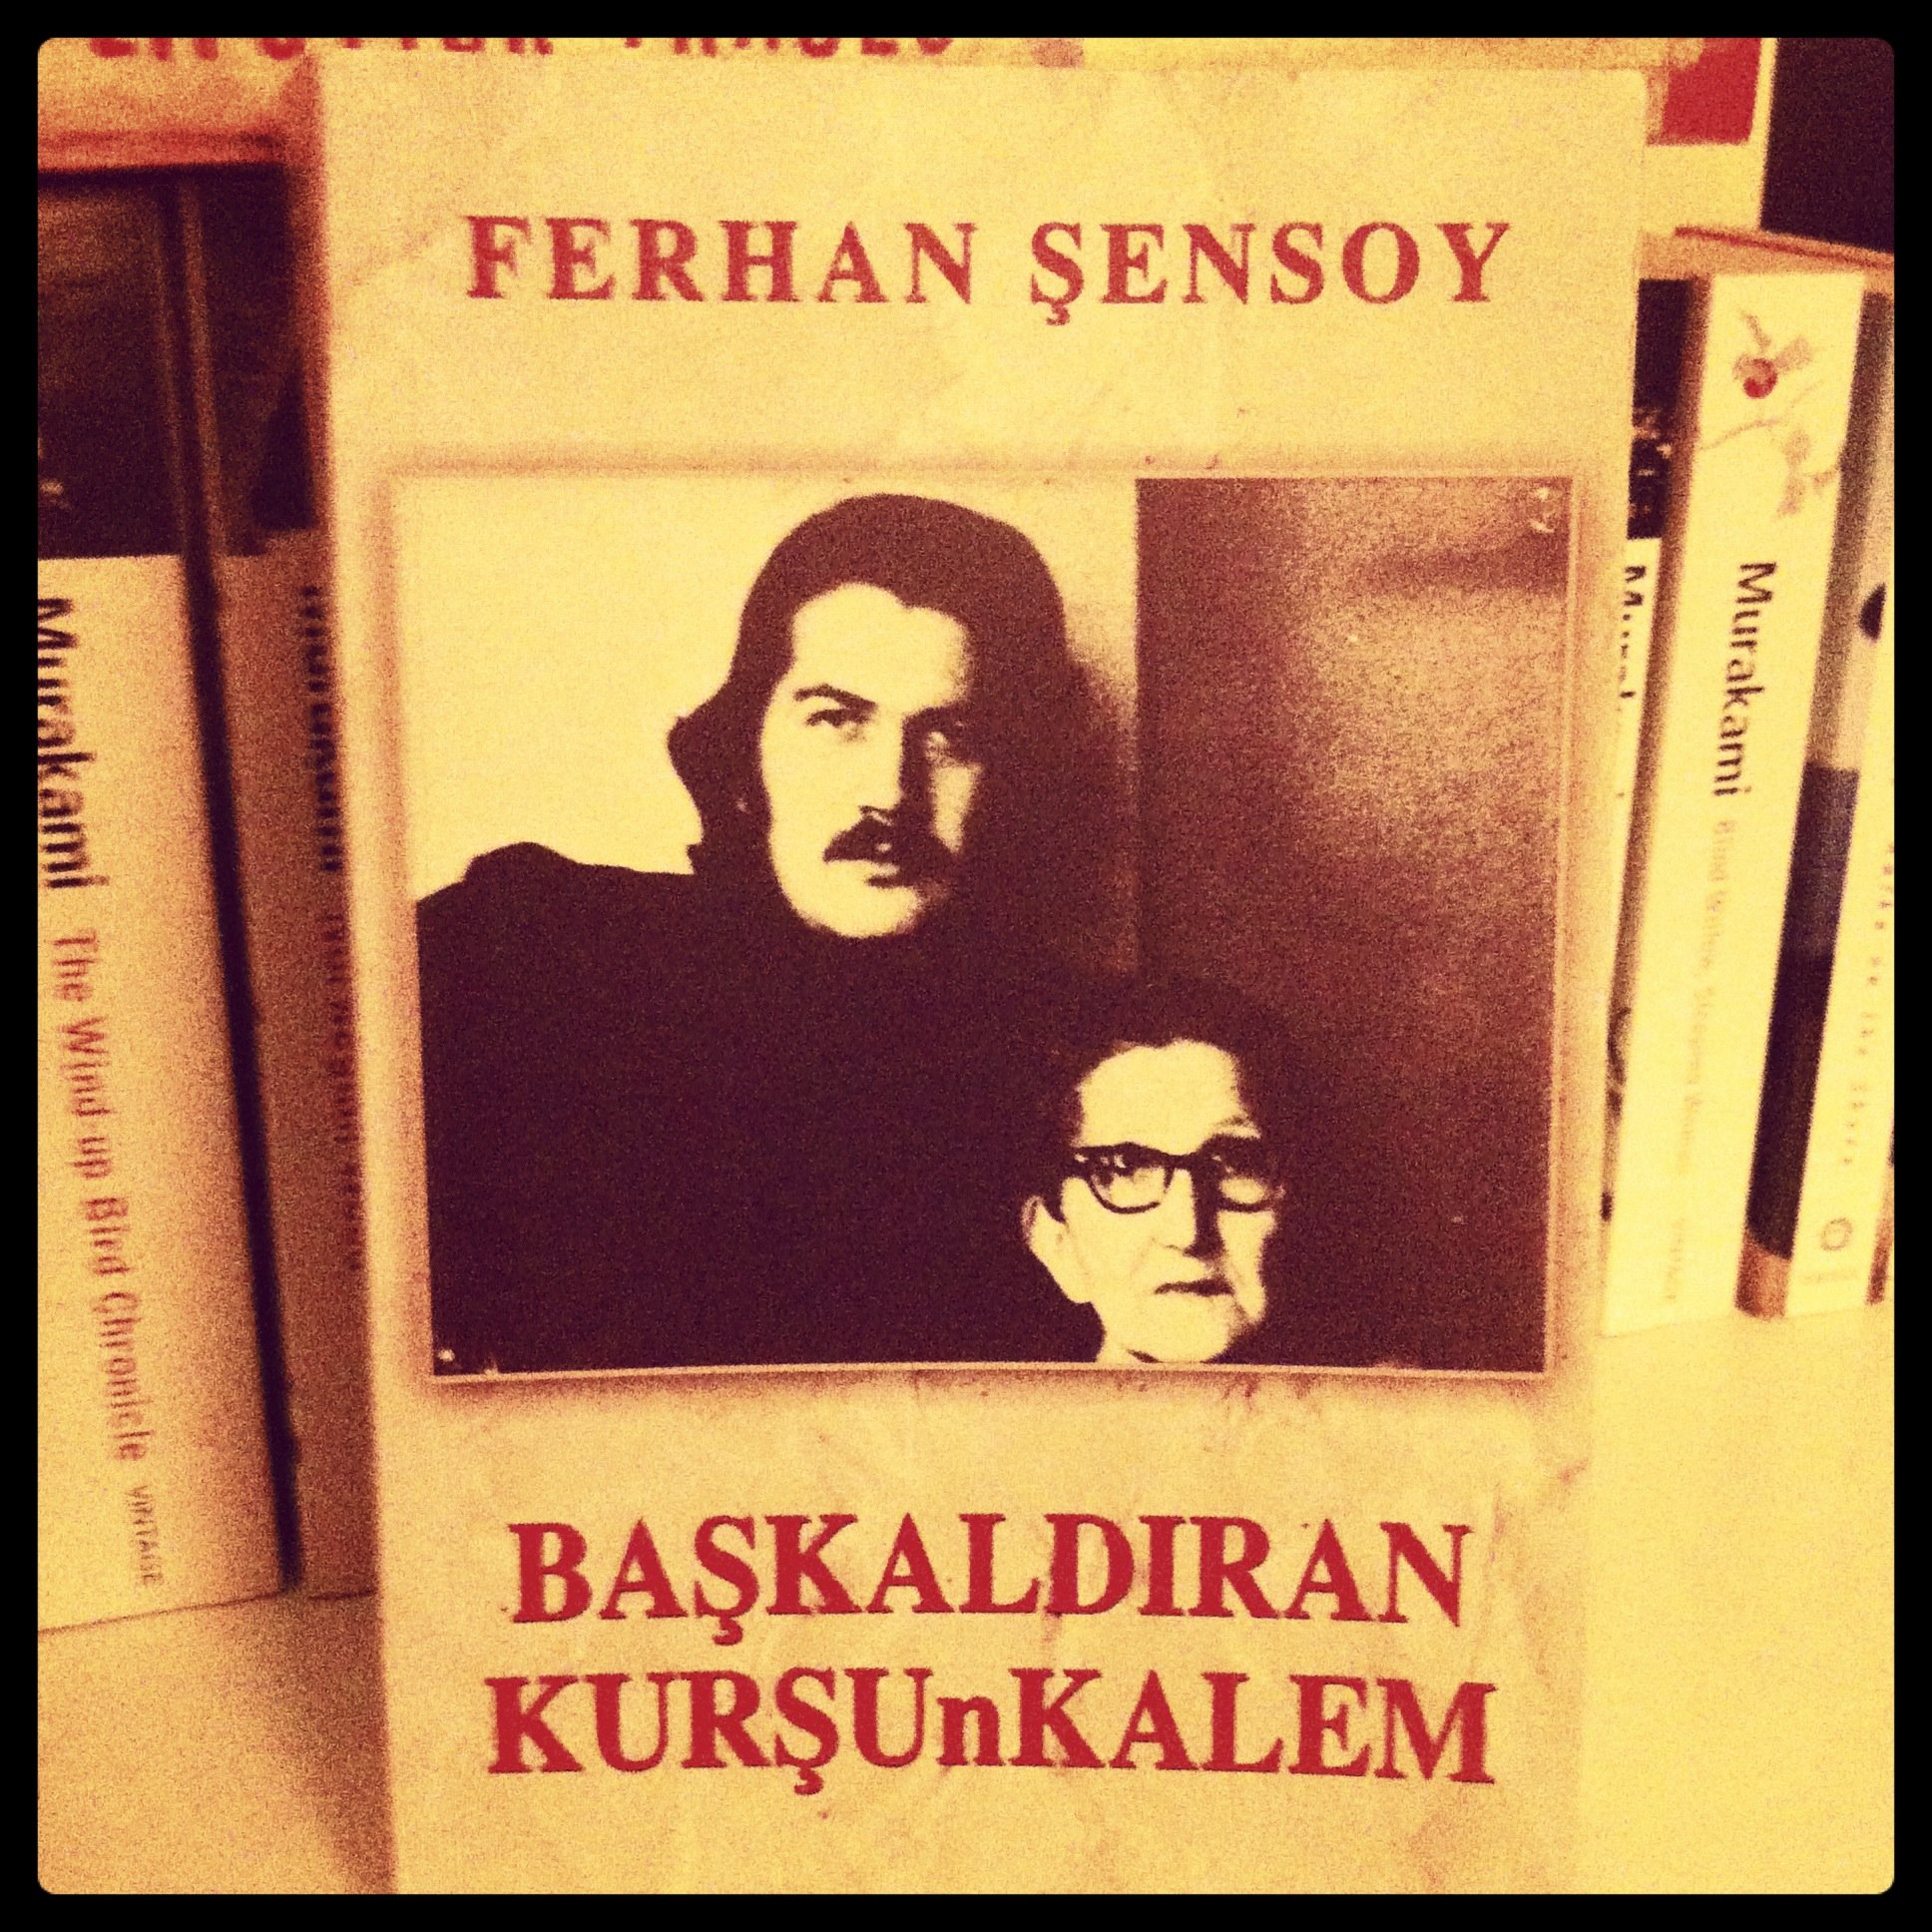 Ferhan Şensoy – Başkaldıran Kurşunkalem